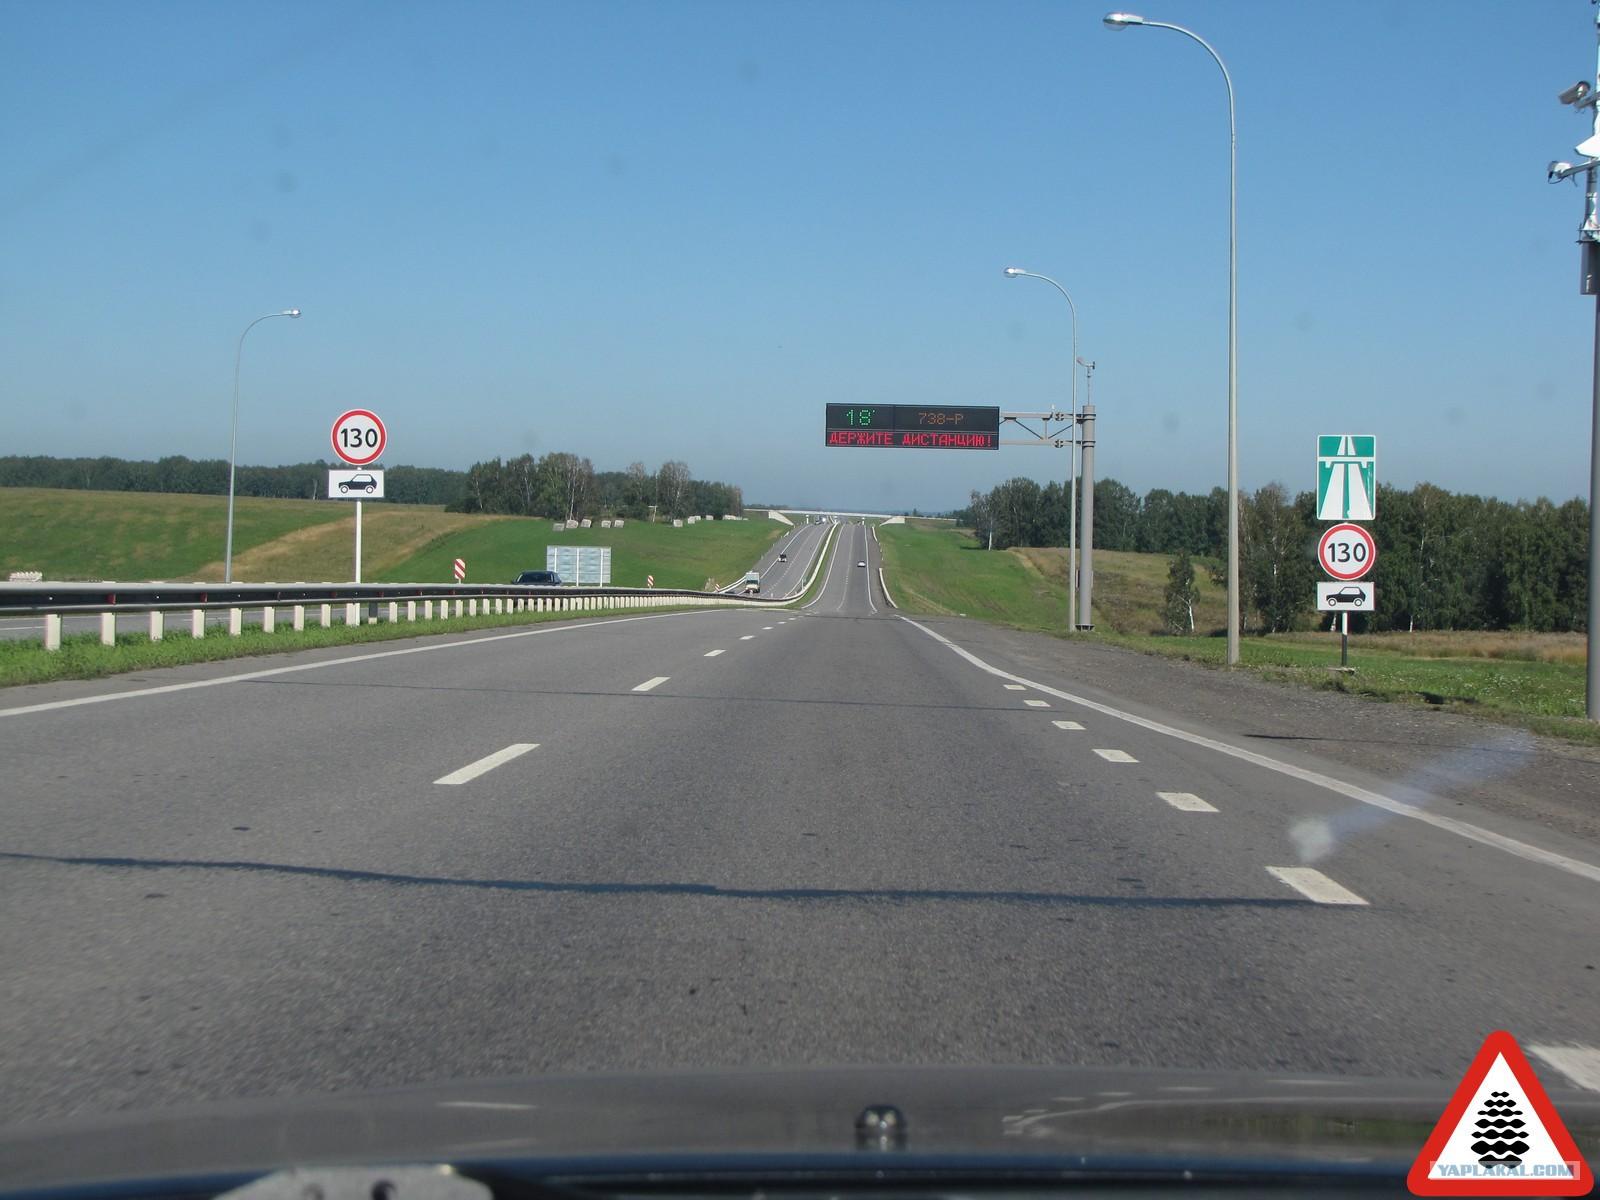 цели, принципы, на скоростной автомагистрали запрещается выйти из машины органы выделения